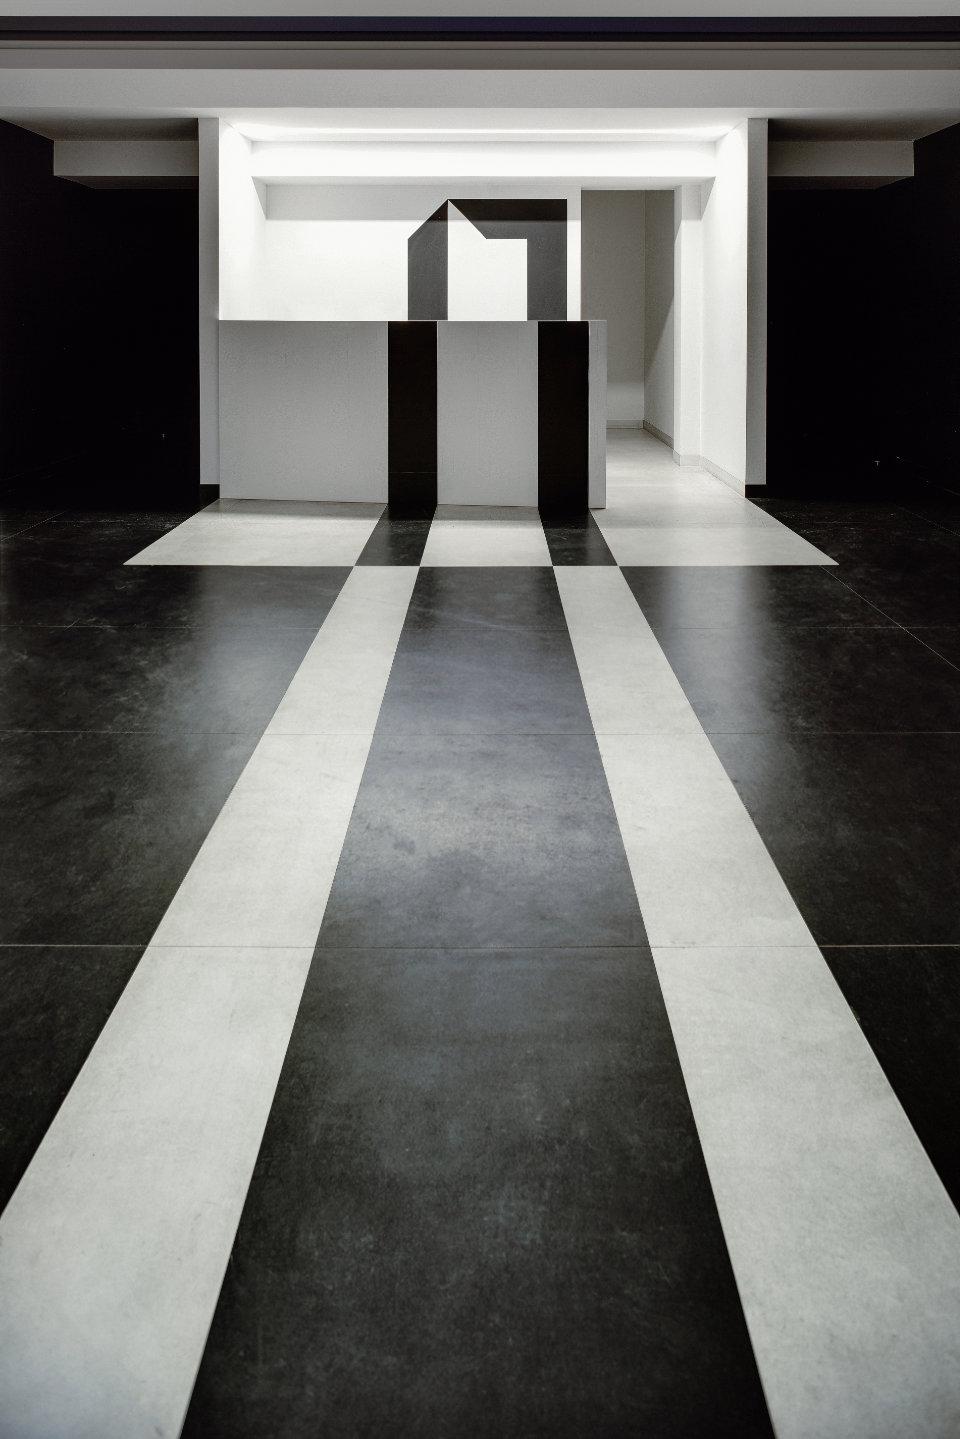 M17 Contemporary Art Center reception